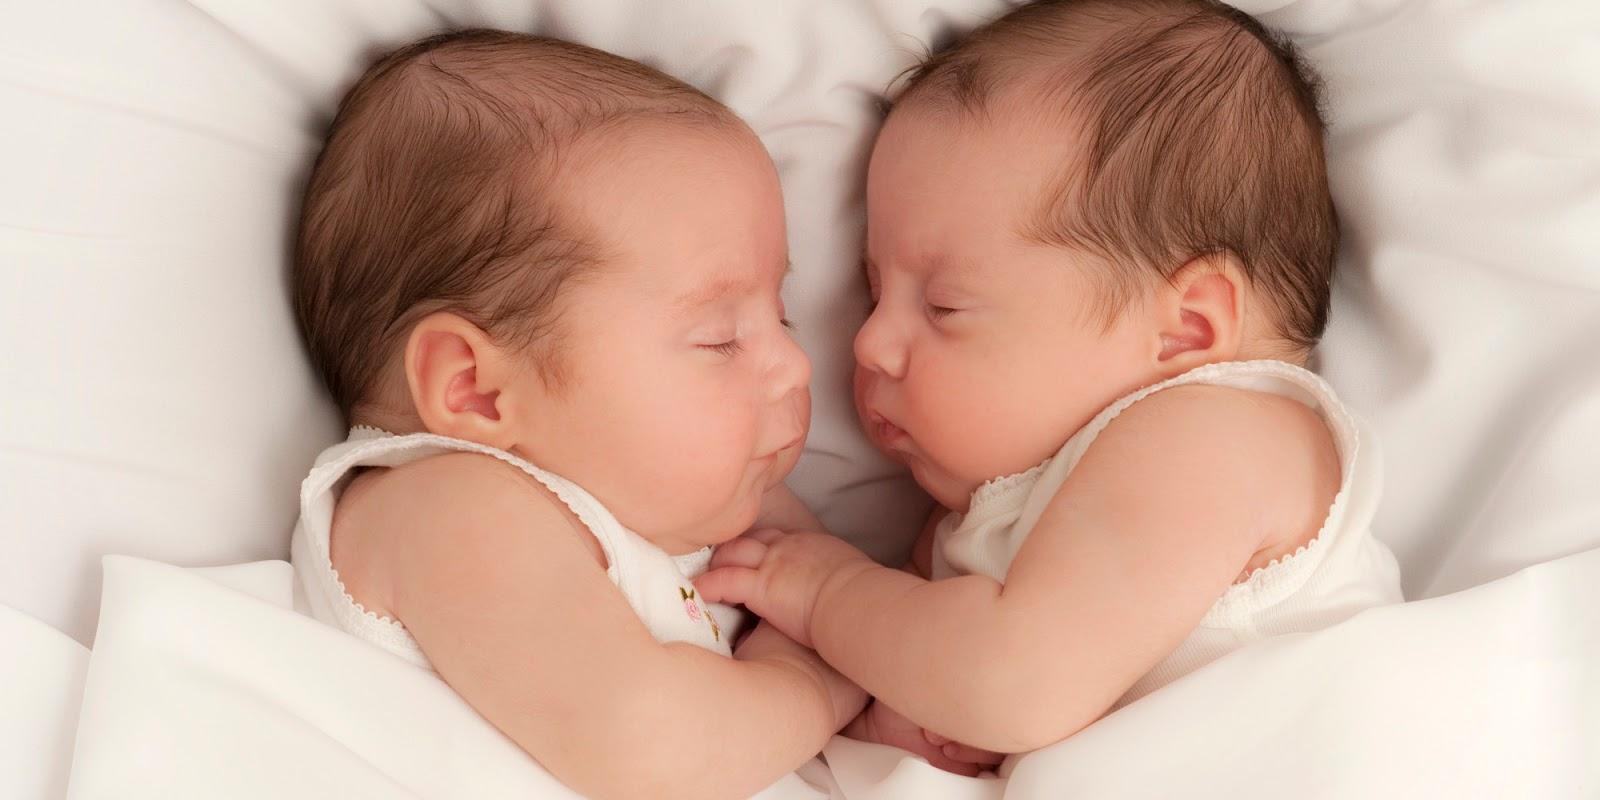 Anda Ingin Memiliki Anak Kembar Begini Caranya Sehat Alami News